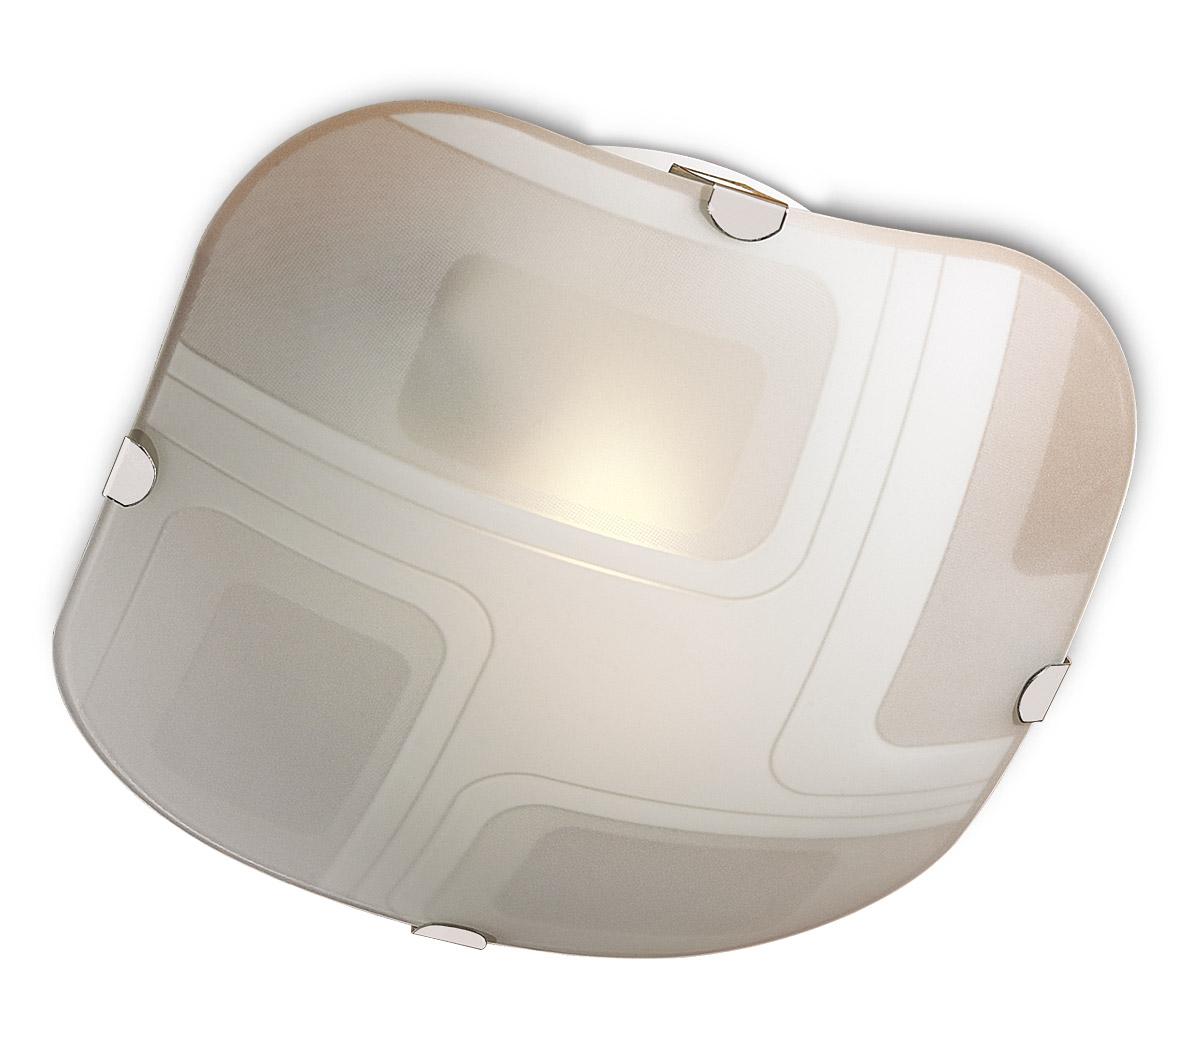 Светильник настенно-потолочный СОНЕКС 2141 настенно потолочный светильник коллекция illusion 2141 хром белый sonex сонекс